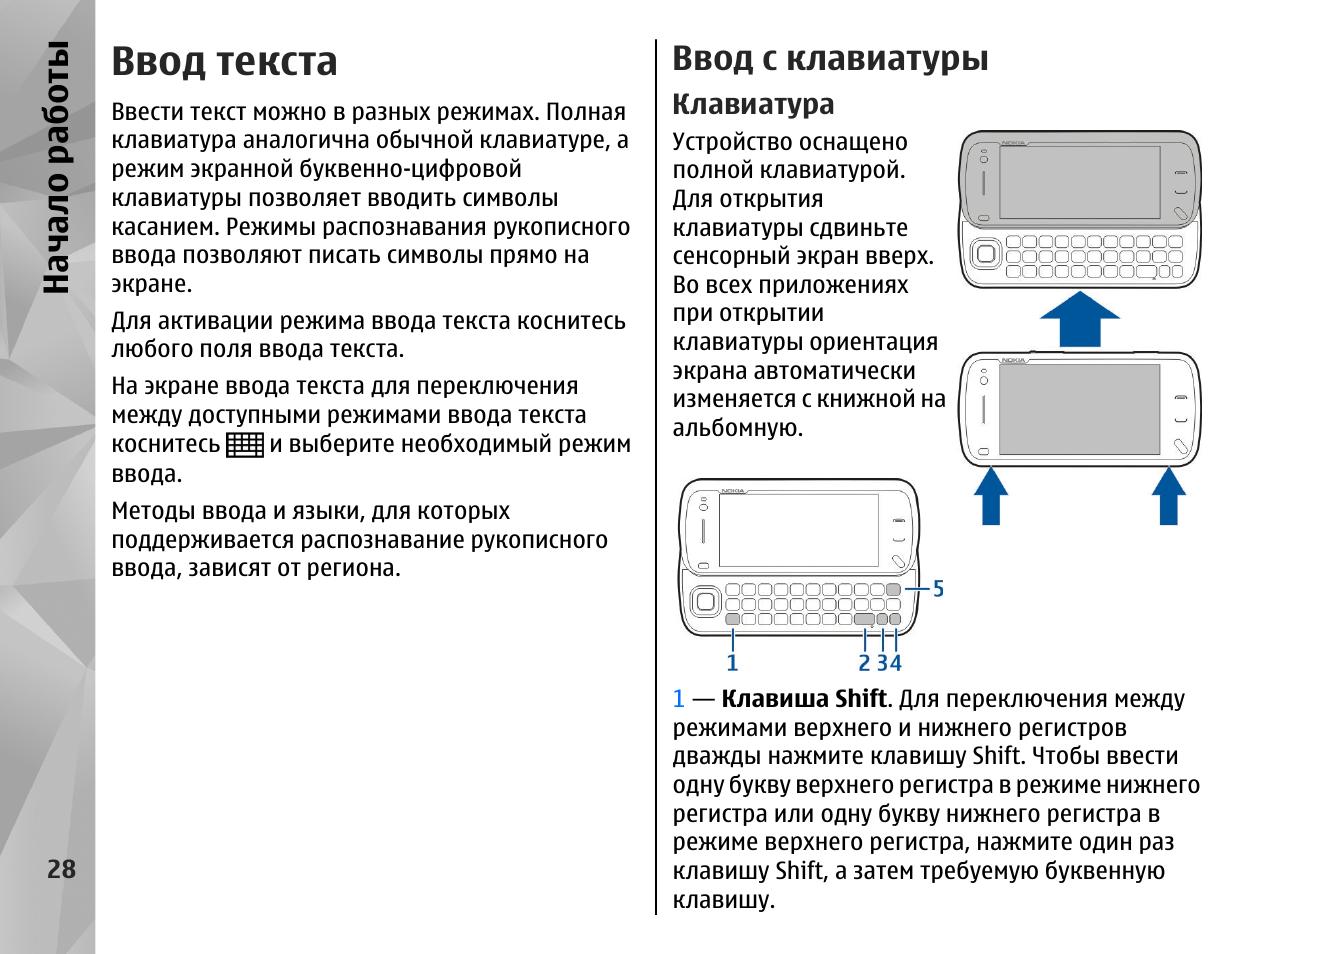 Ввод текста, Ввод с клавиатуры, Клавиатура Инструкция по эксплуатации Nokia N97 Страница 28 / 212